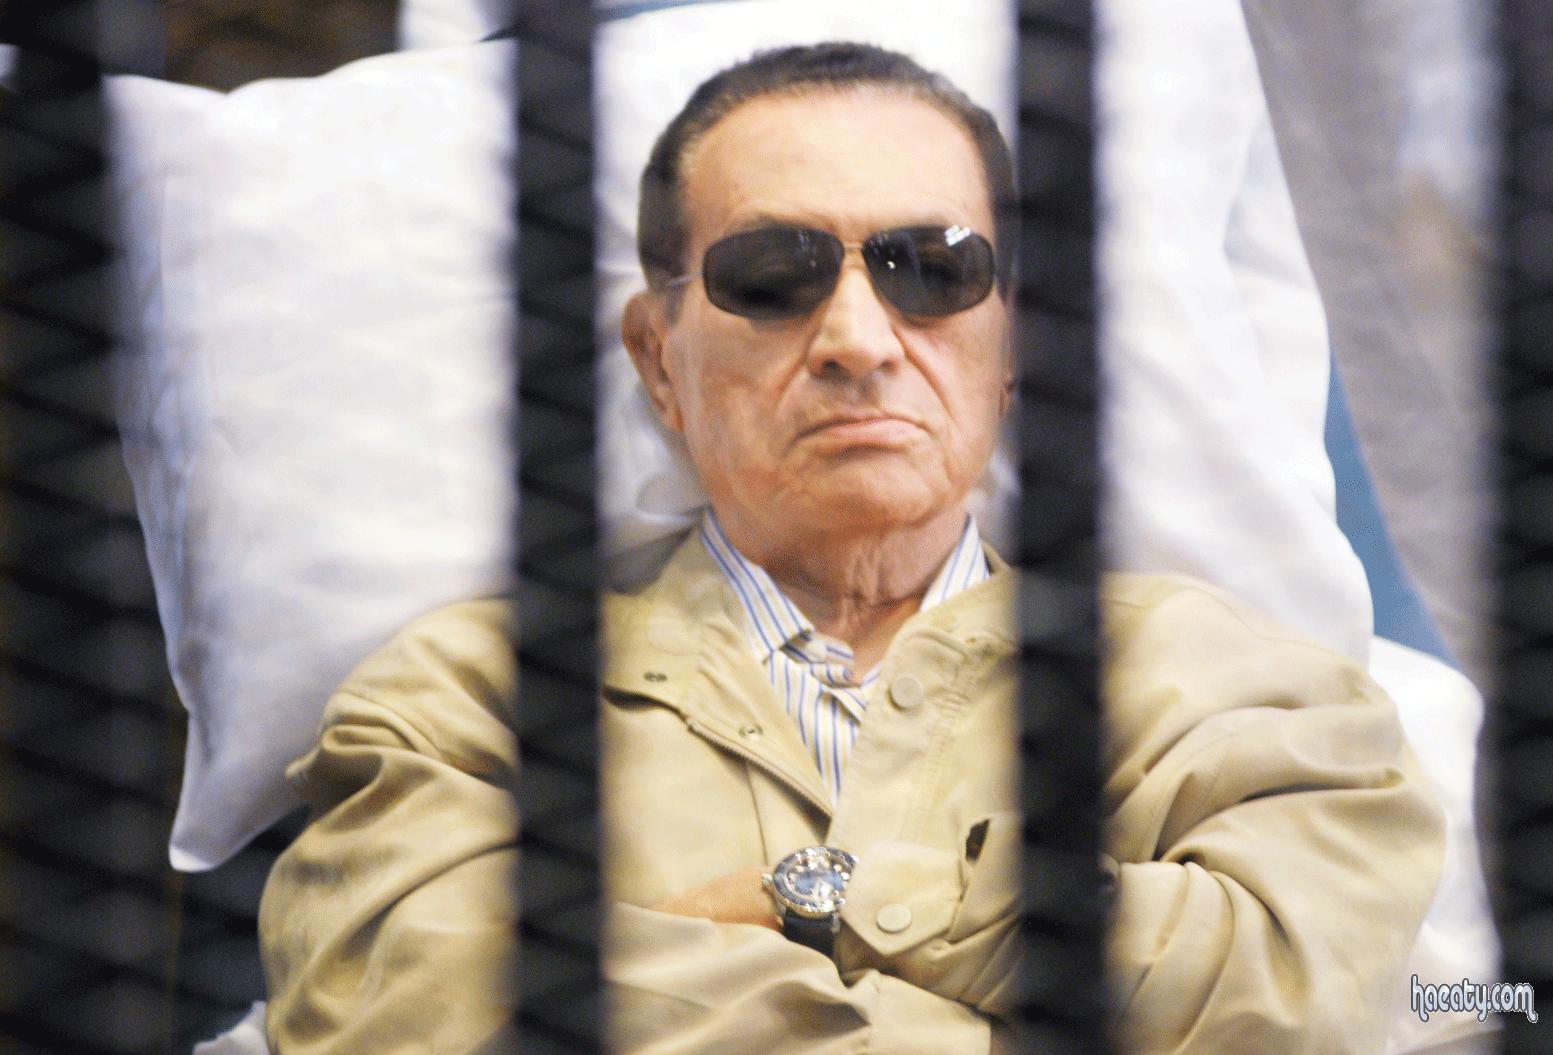 بالفيديو.. رد فعل غاضب جدا من عائلة مبارك بسبب التسجيلات المسربة لمبارك.. وشاهد ما هي